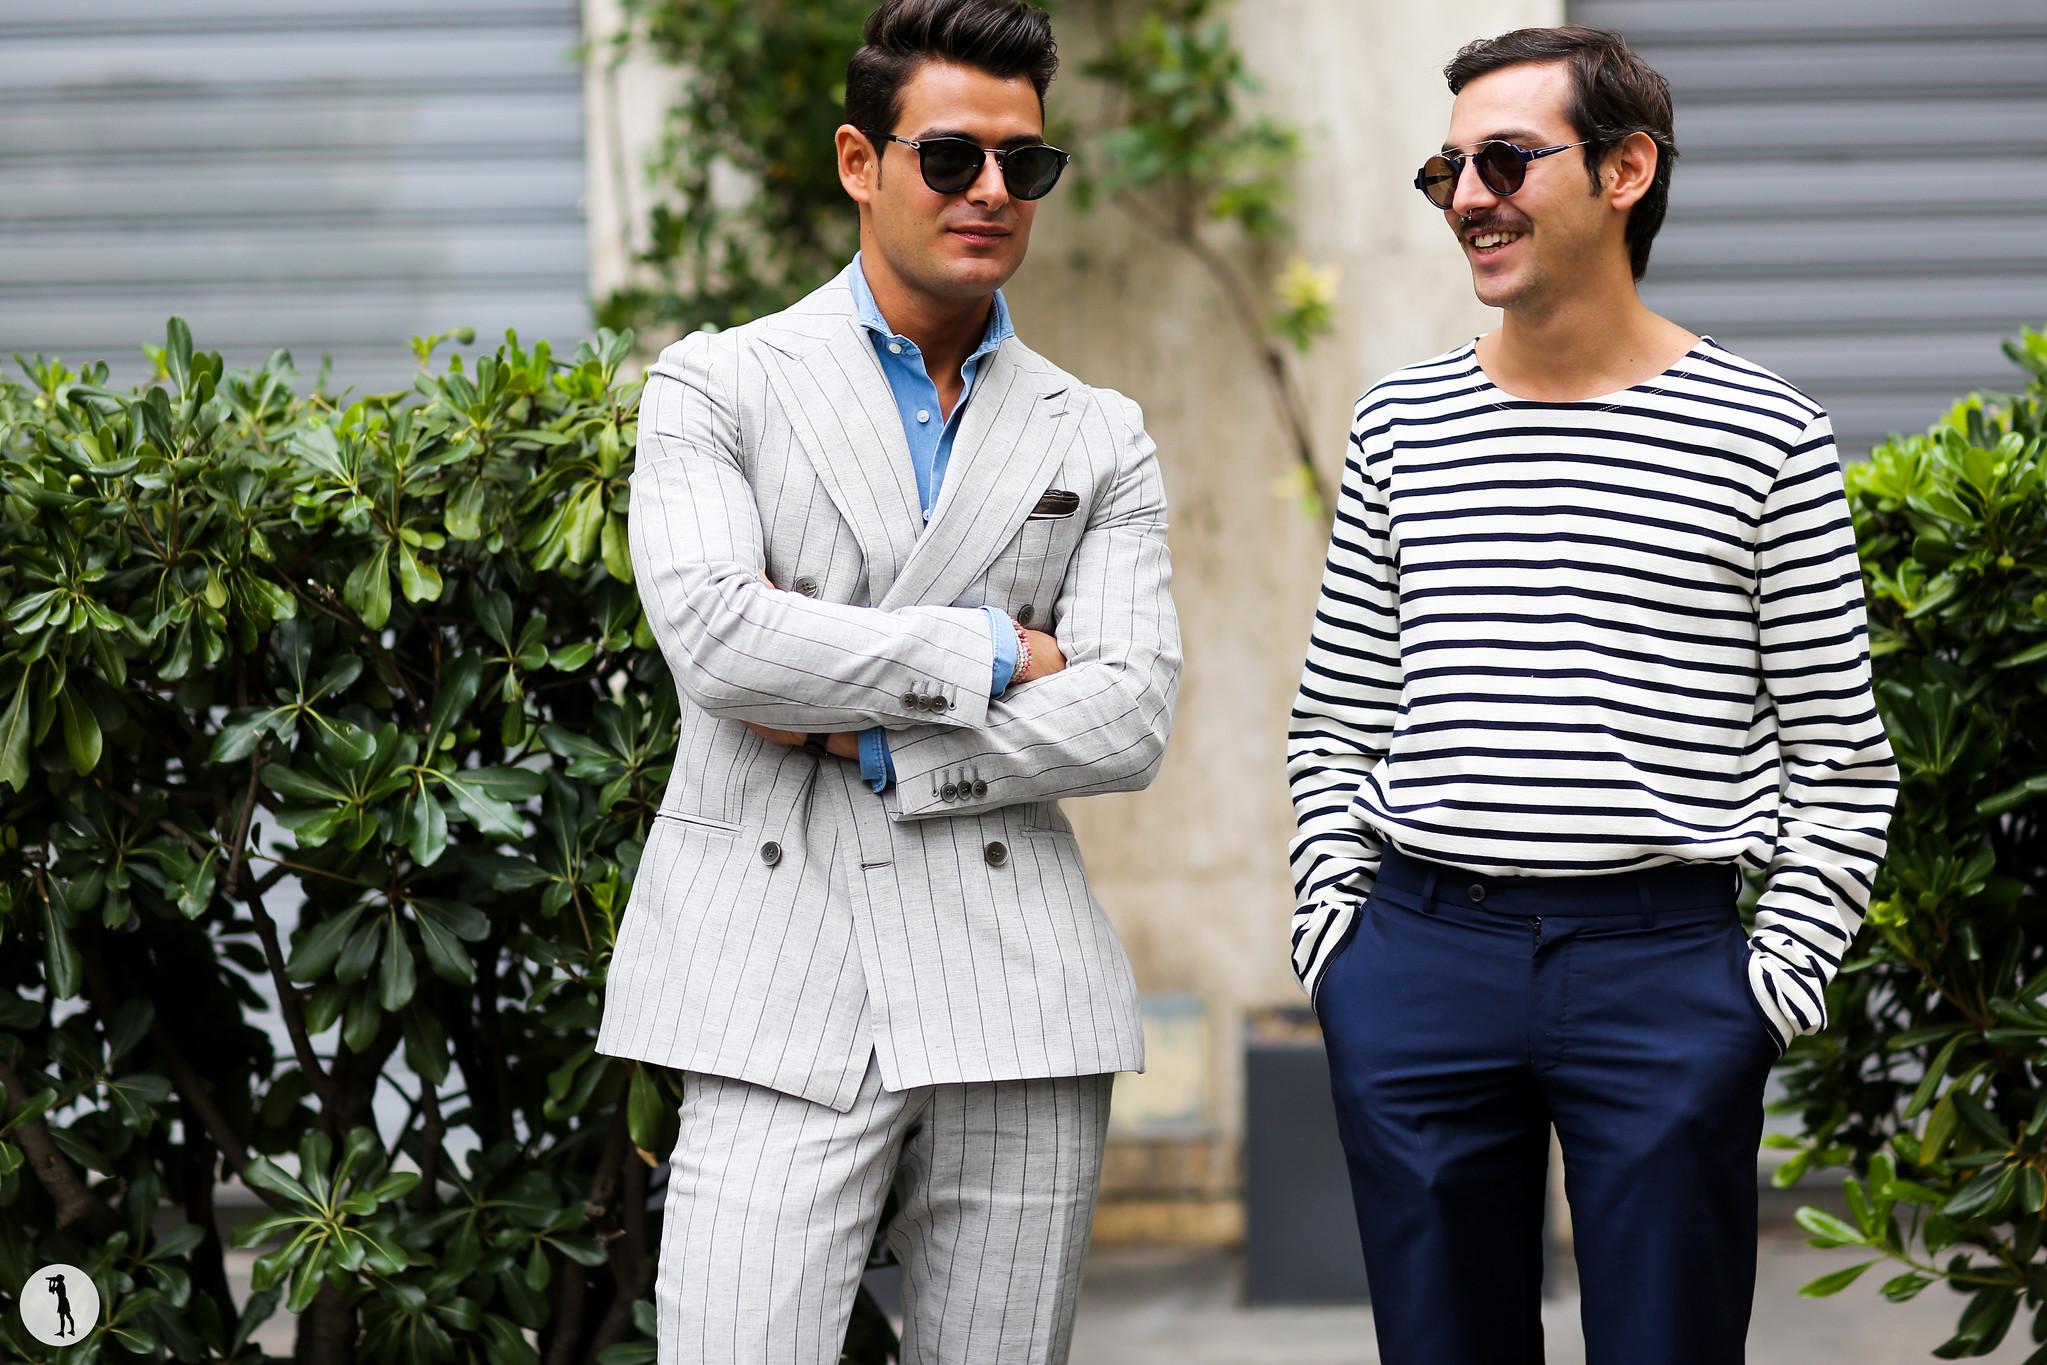 Frank Gallucci and Roberto de la Rosa at Milan Fashion Week